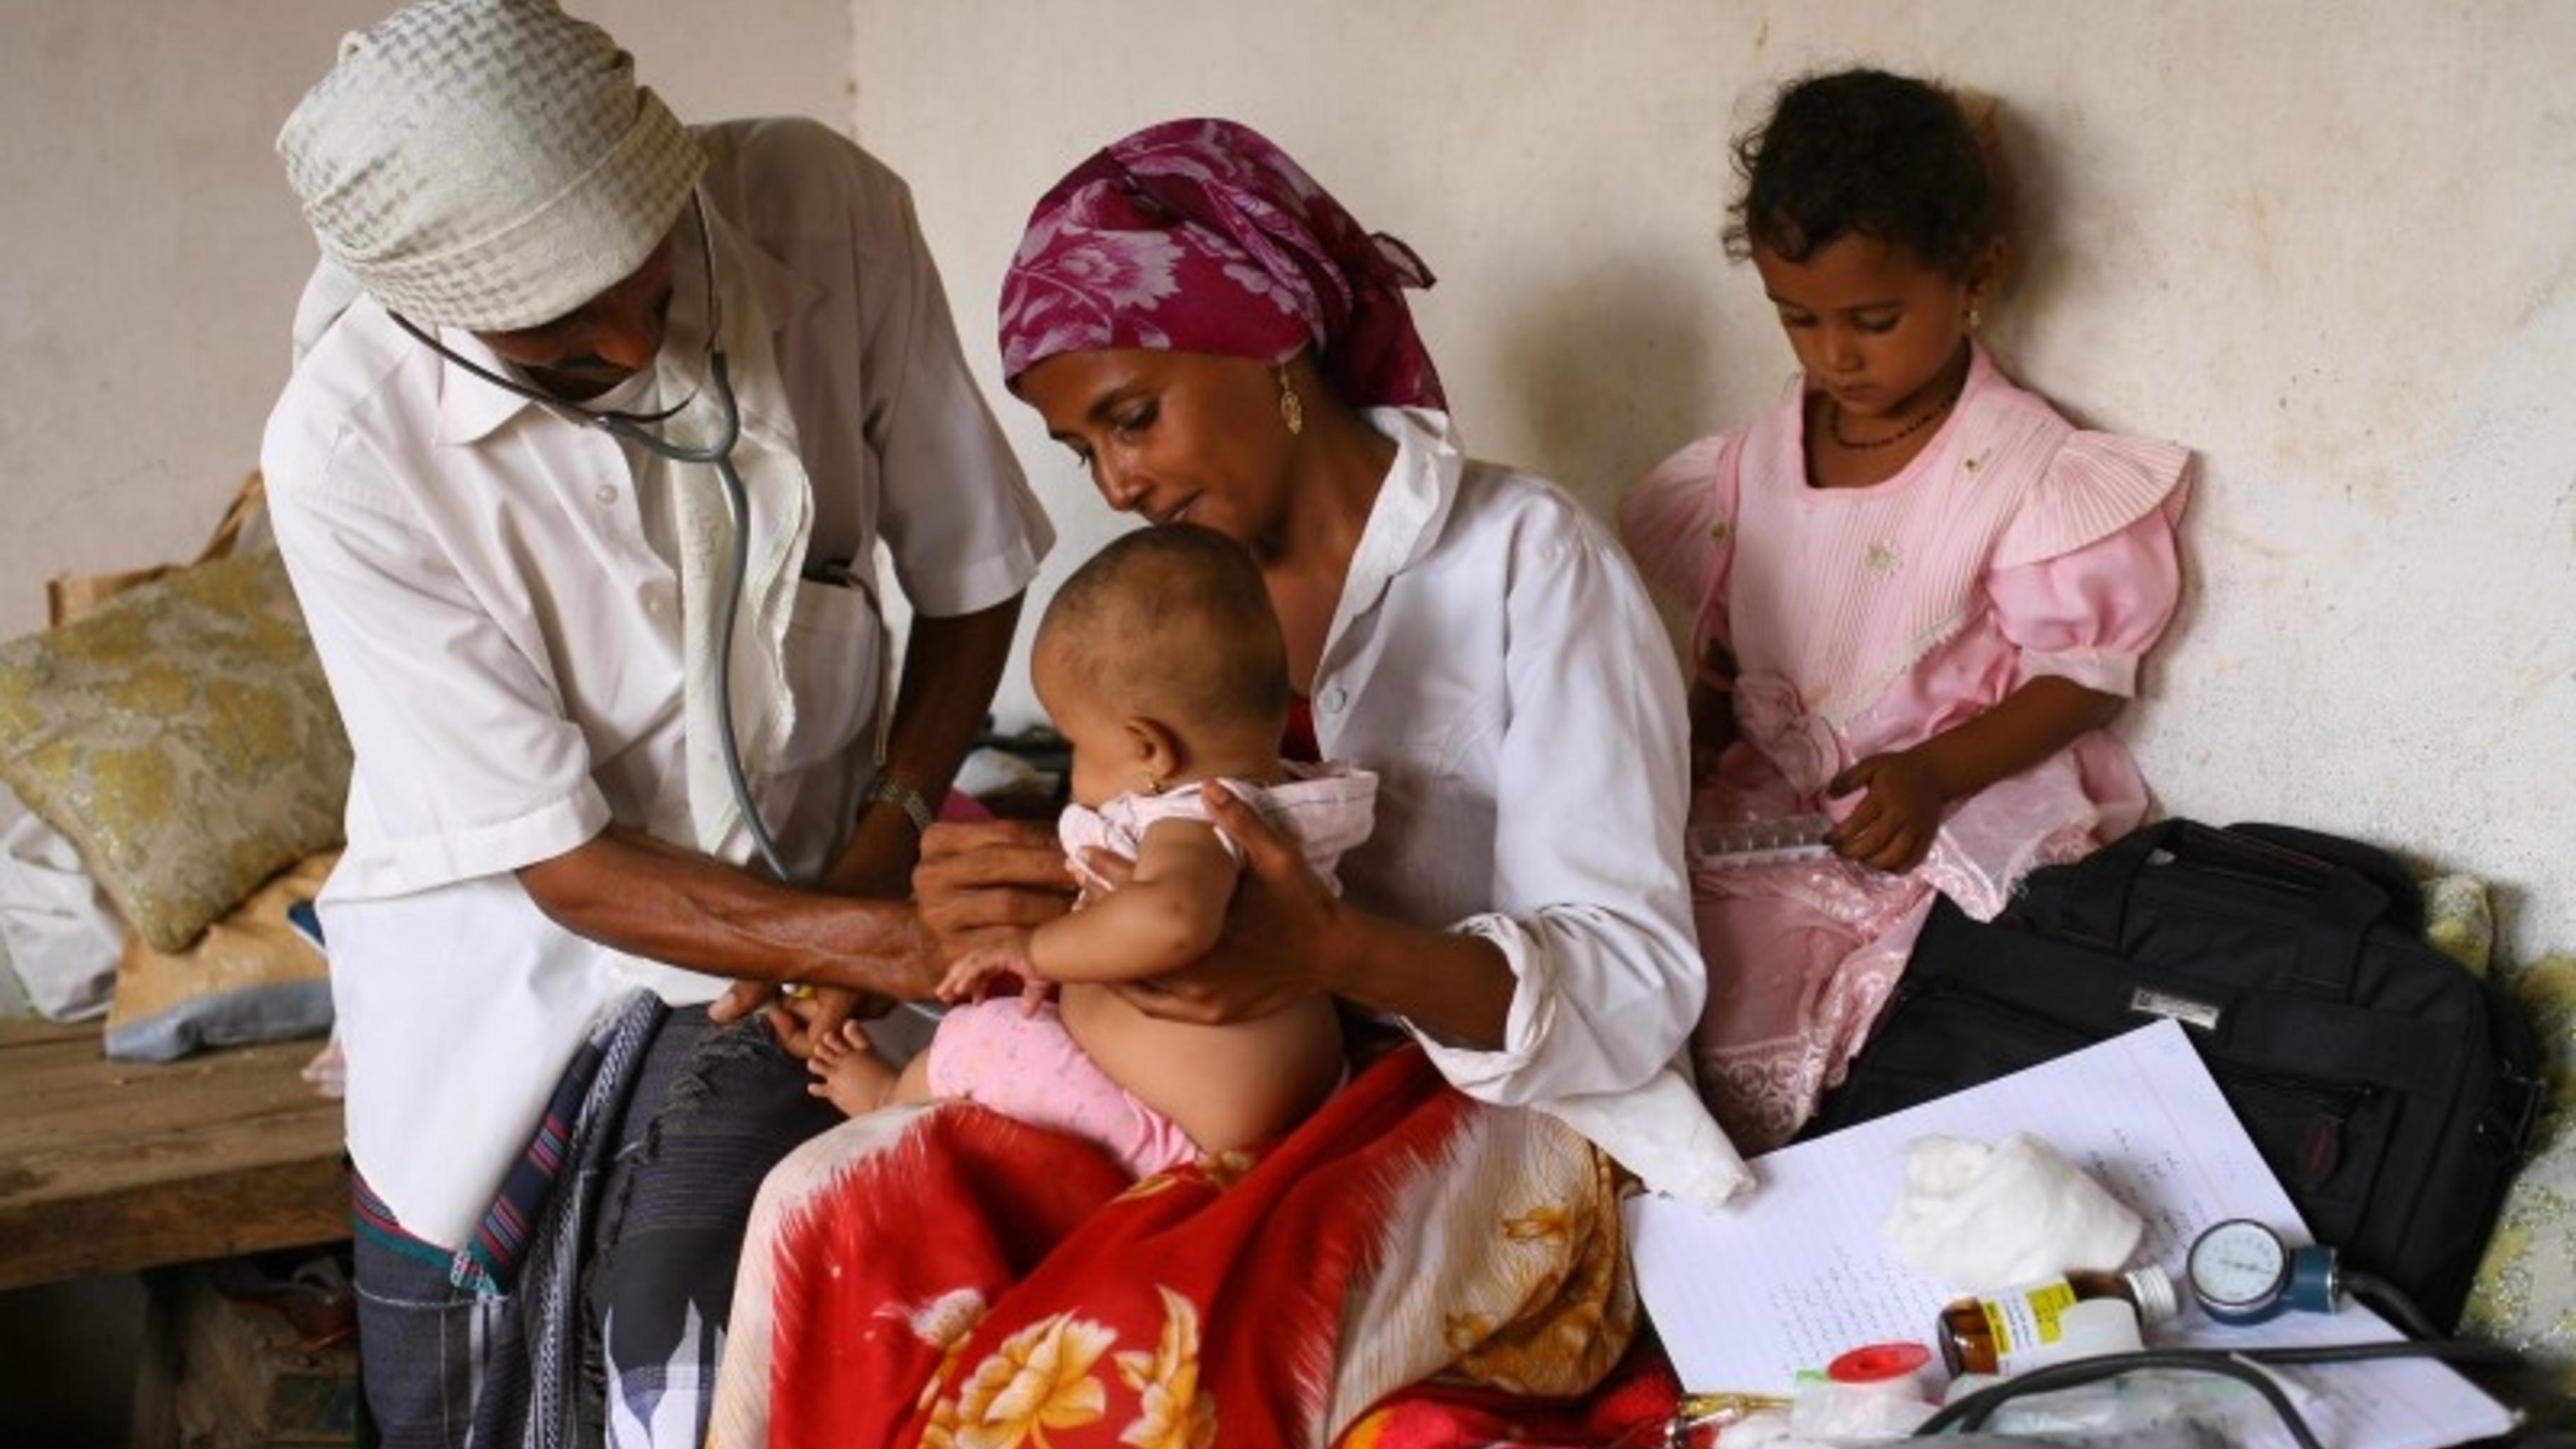 Foto: Ärztin in Yemen behandelt krankes Kind